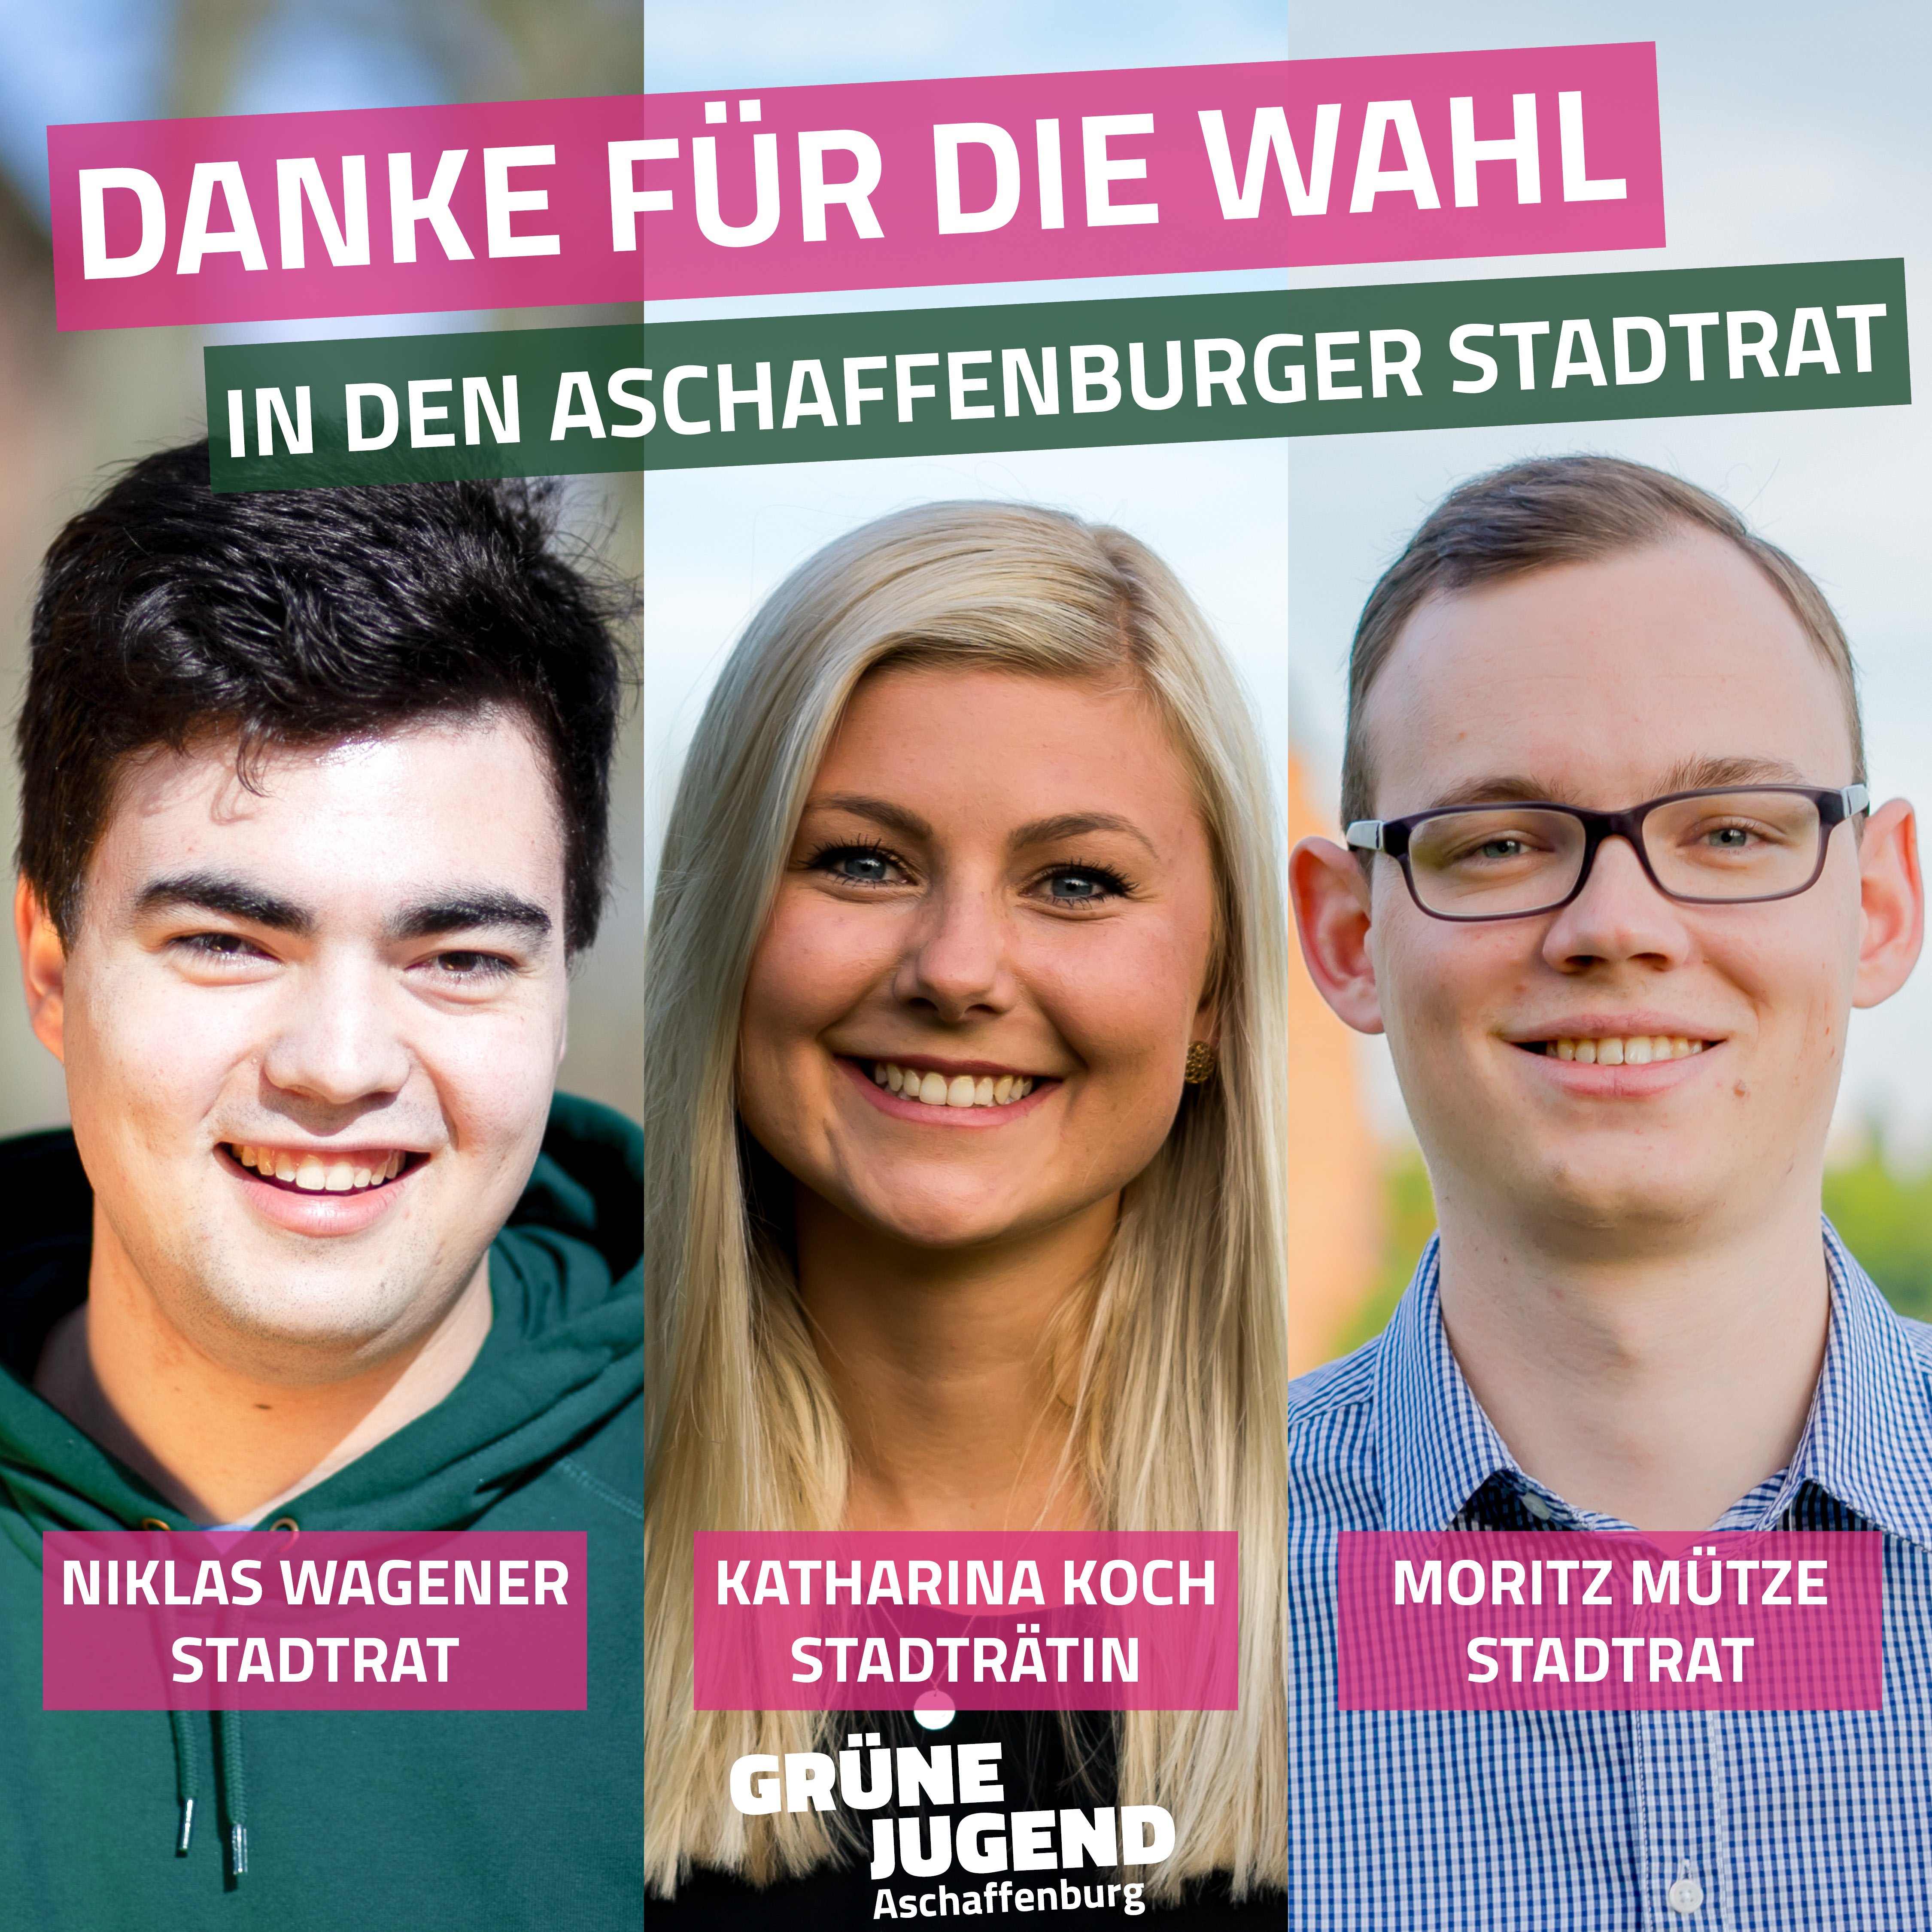 Grüne Jugend stark im Aschaffenburger Stadtrat und Kreistag verteten!